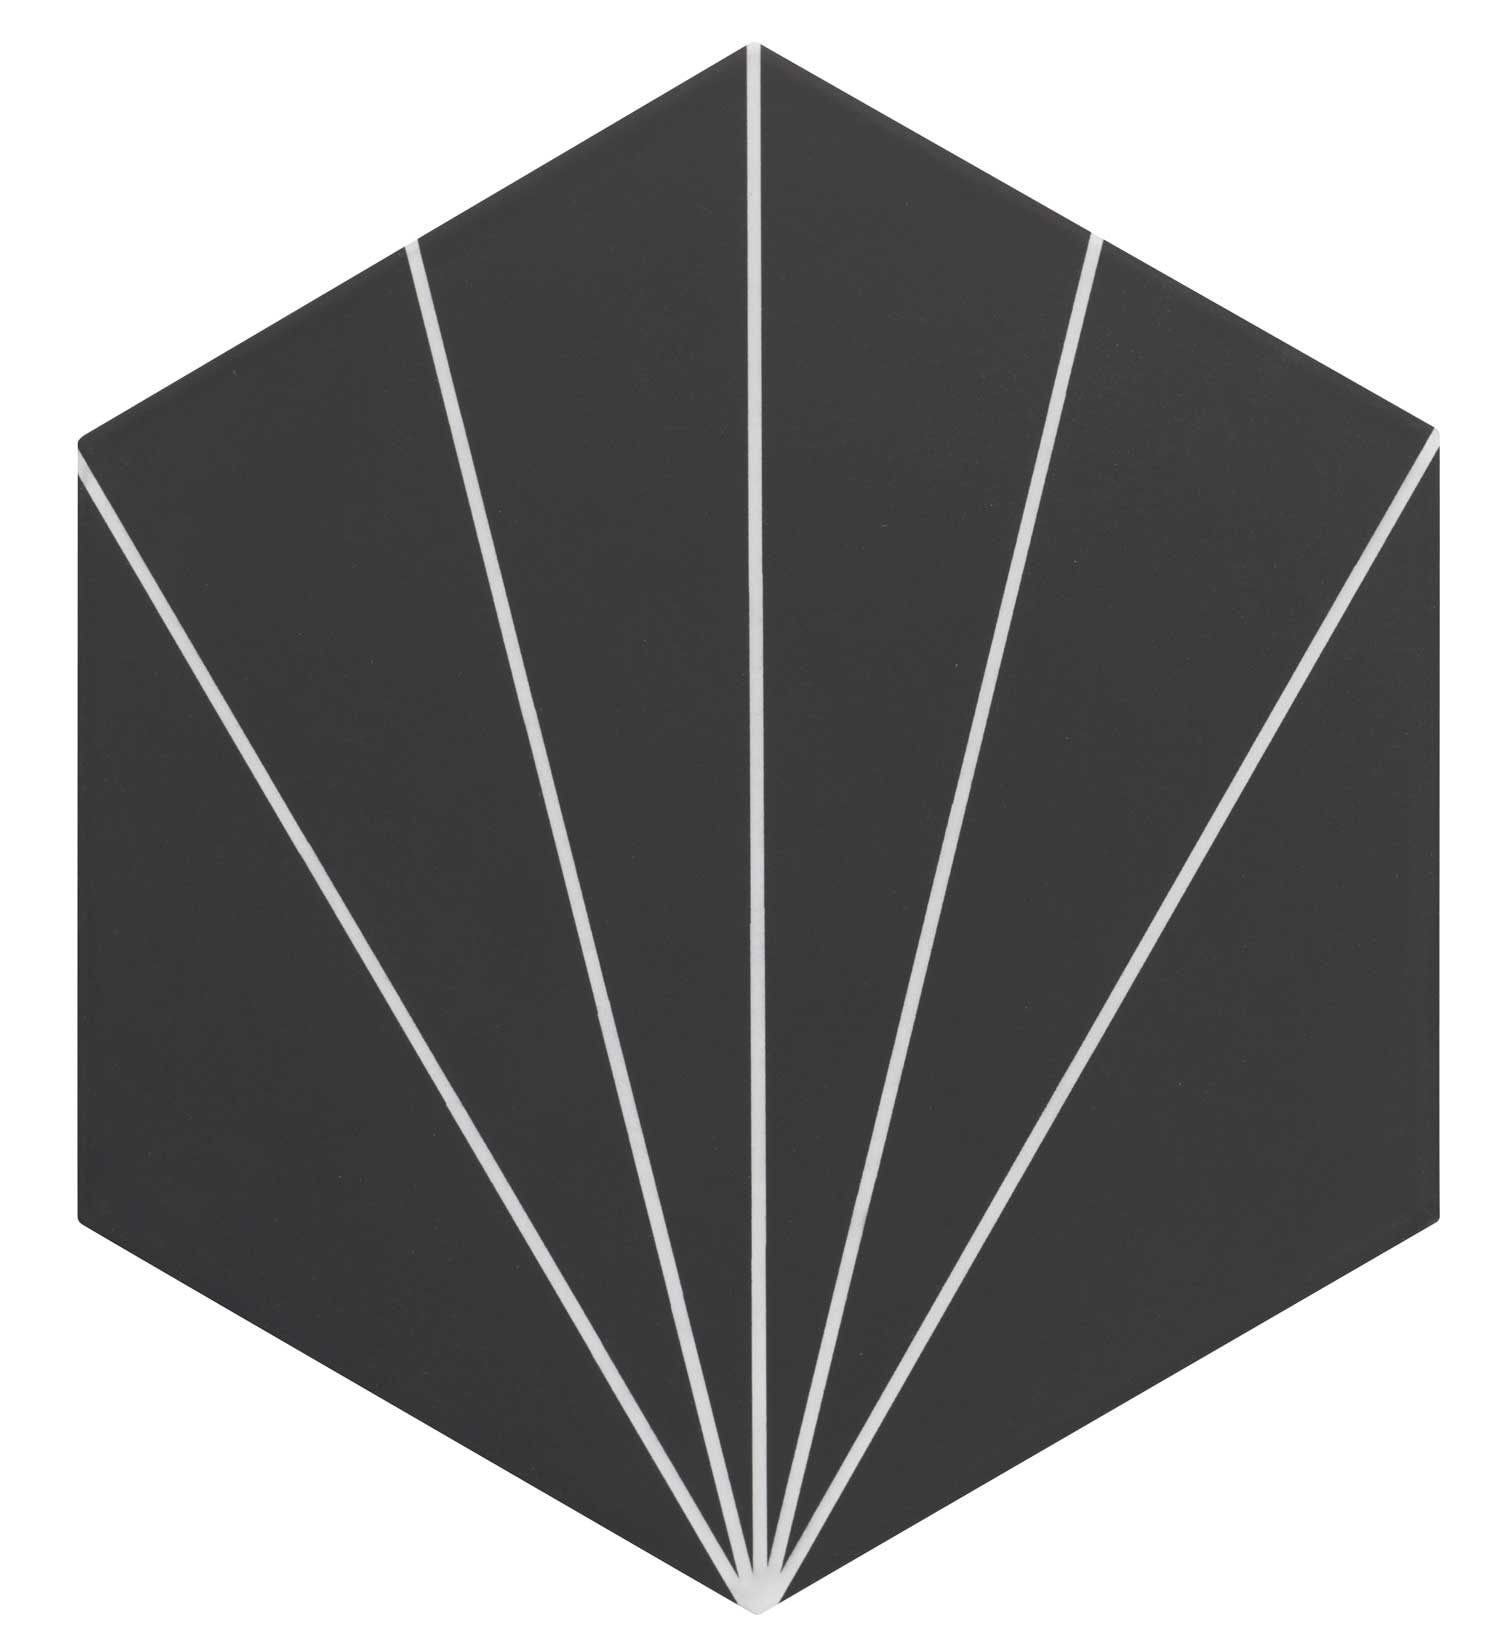 Carreau tomette noir dandelion 33x28.5 VENUS Black - 1m² - zoom